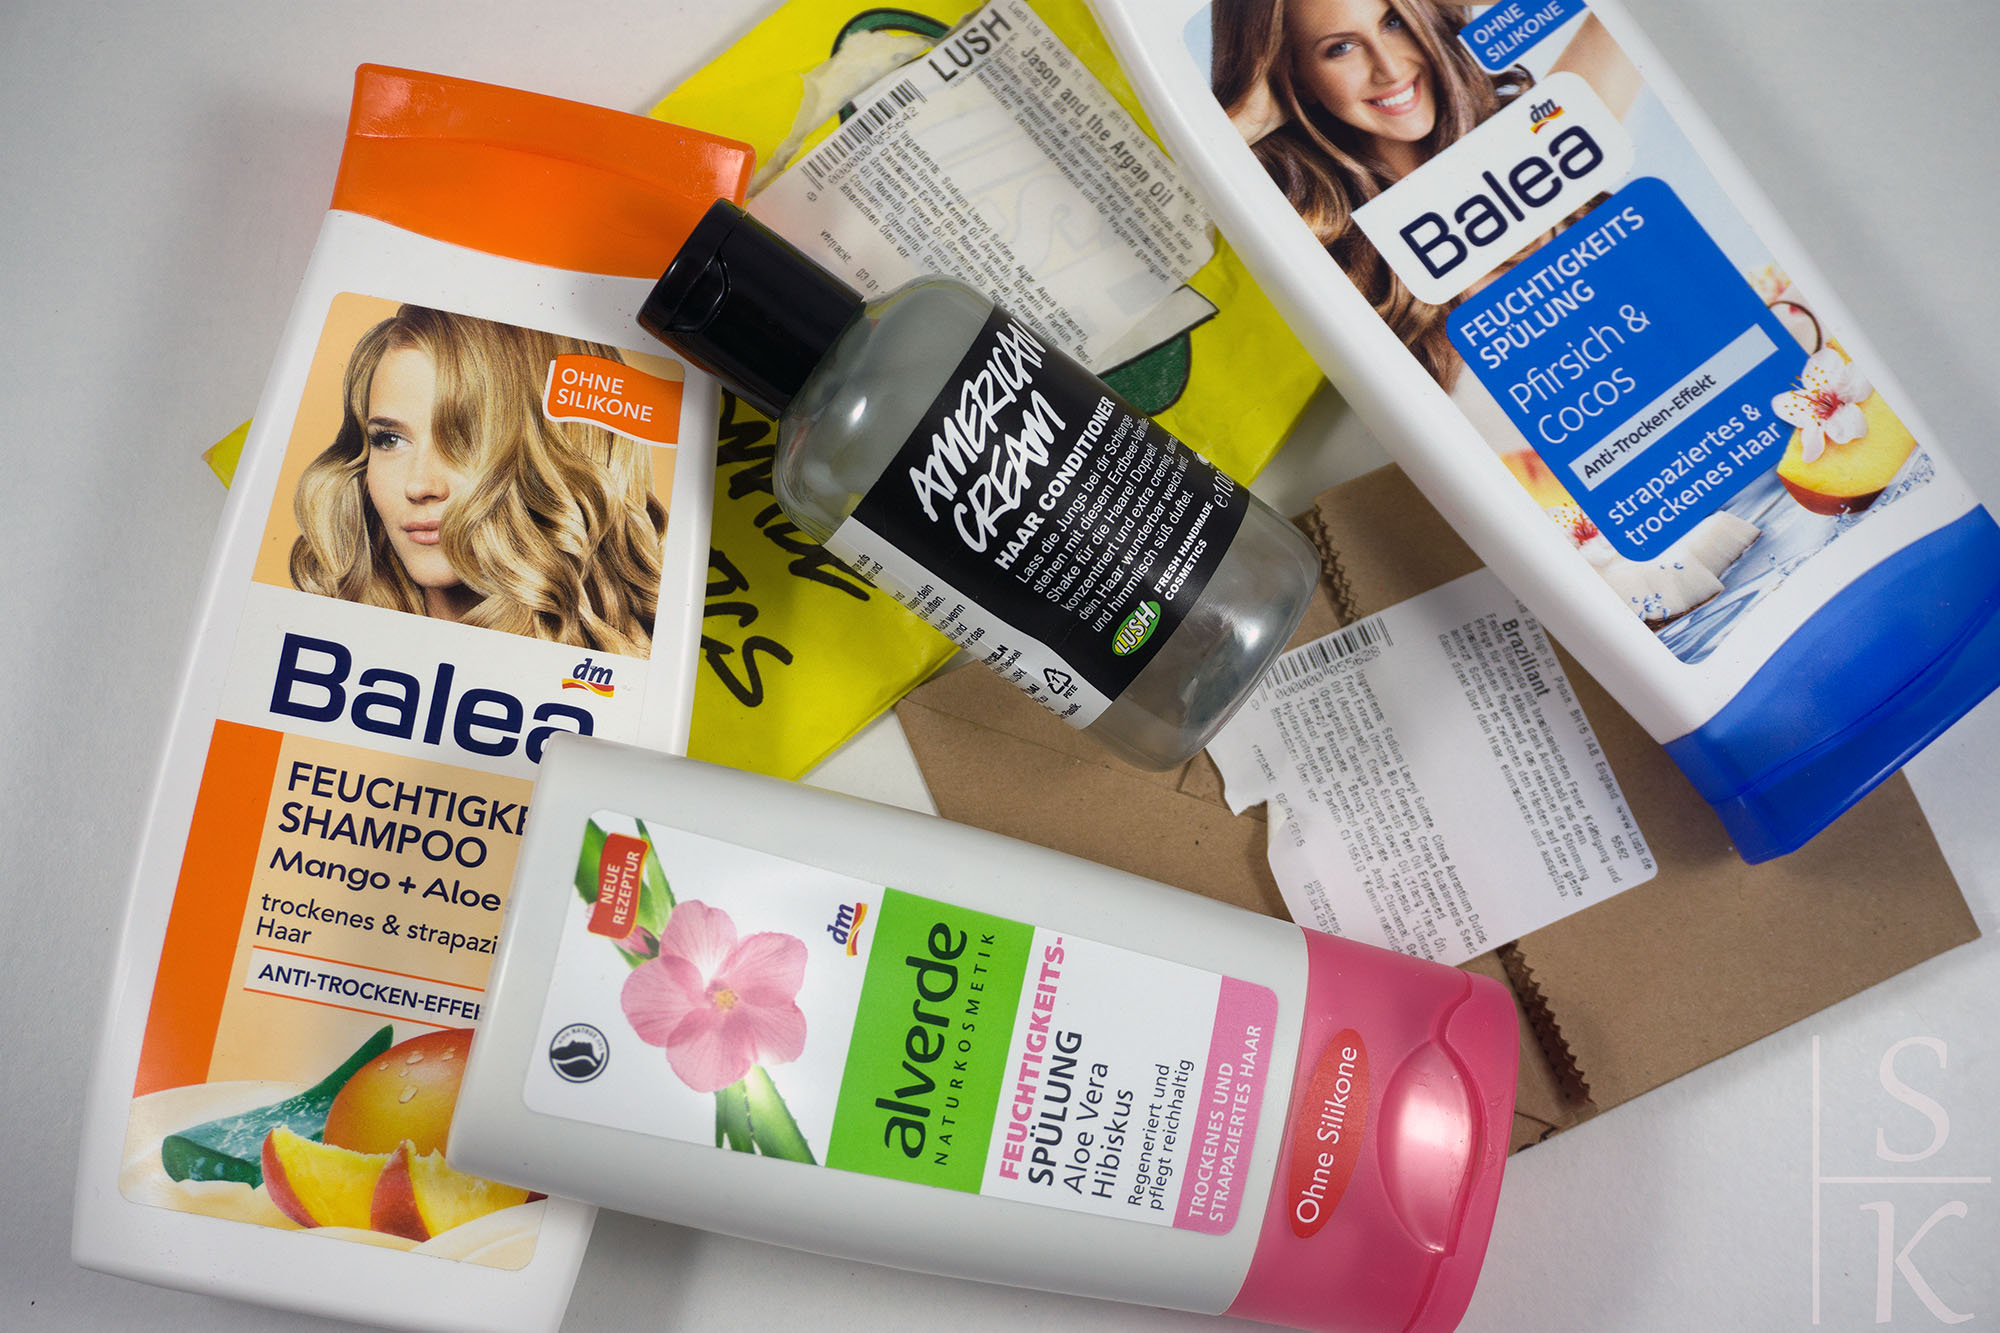 Aufgebraucht Mai - September 2015 Haarpflege